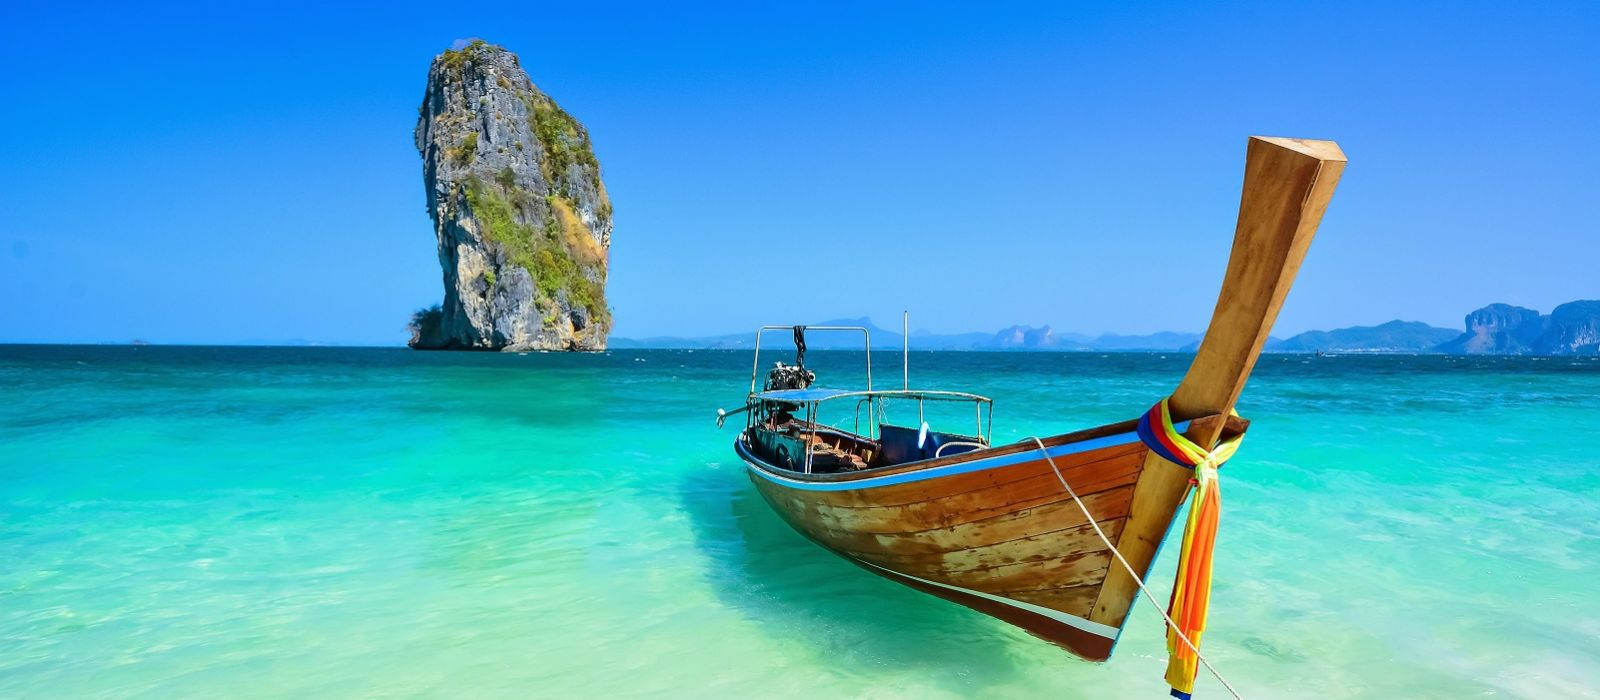 Thailands Geheimtipps entdecken – Sonderangebot Urlaub 3